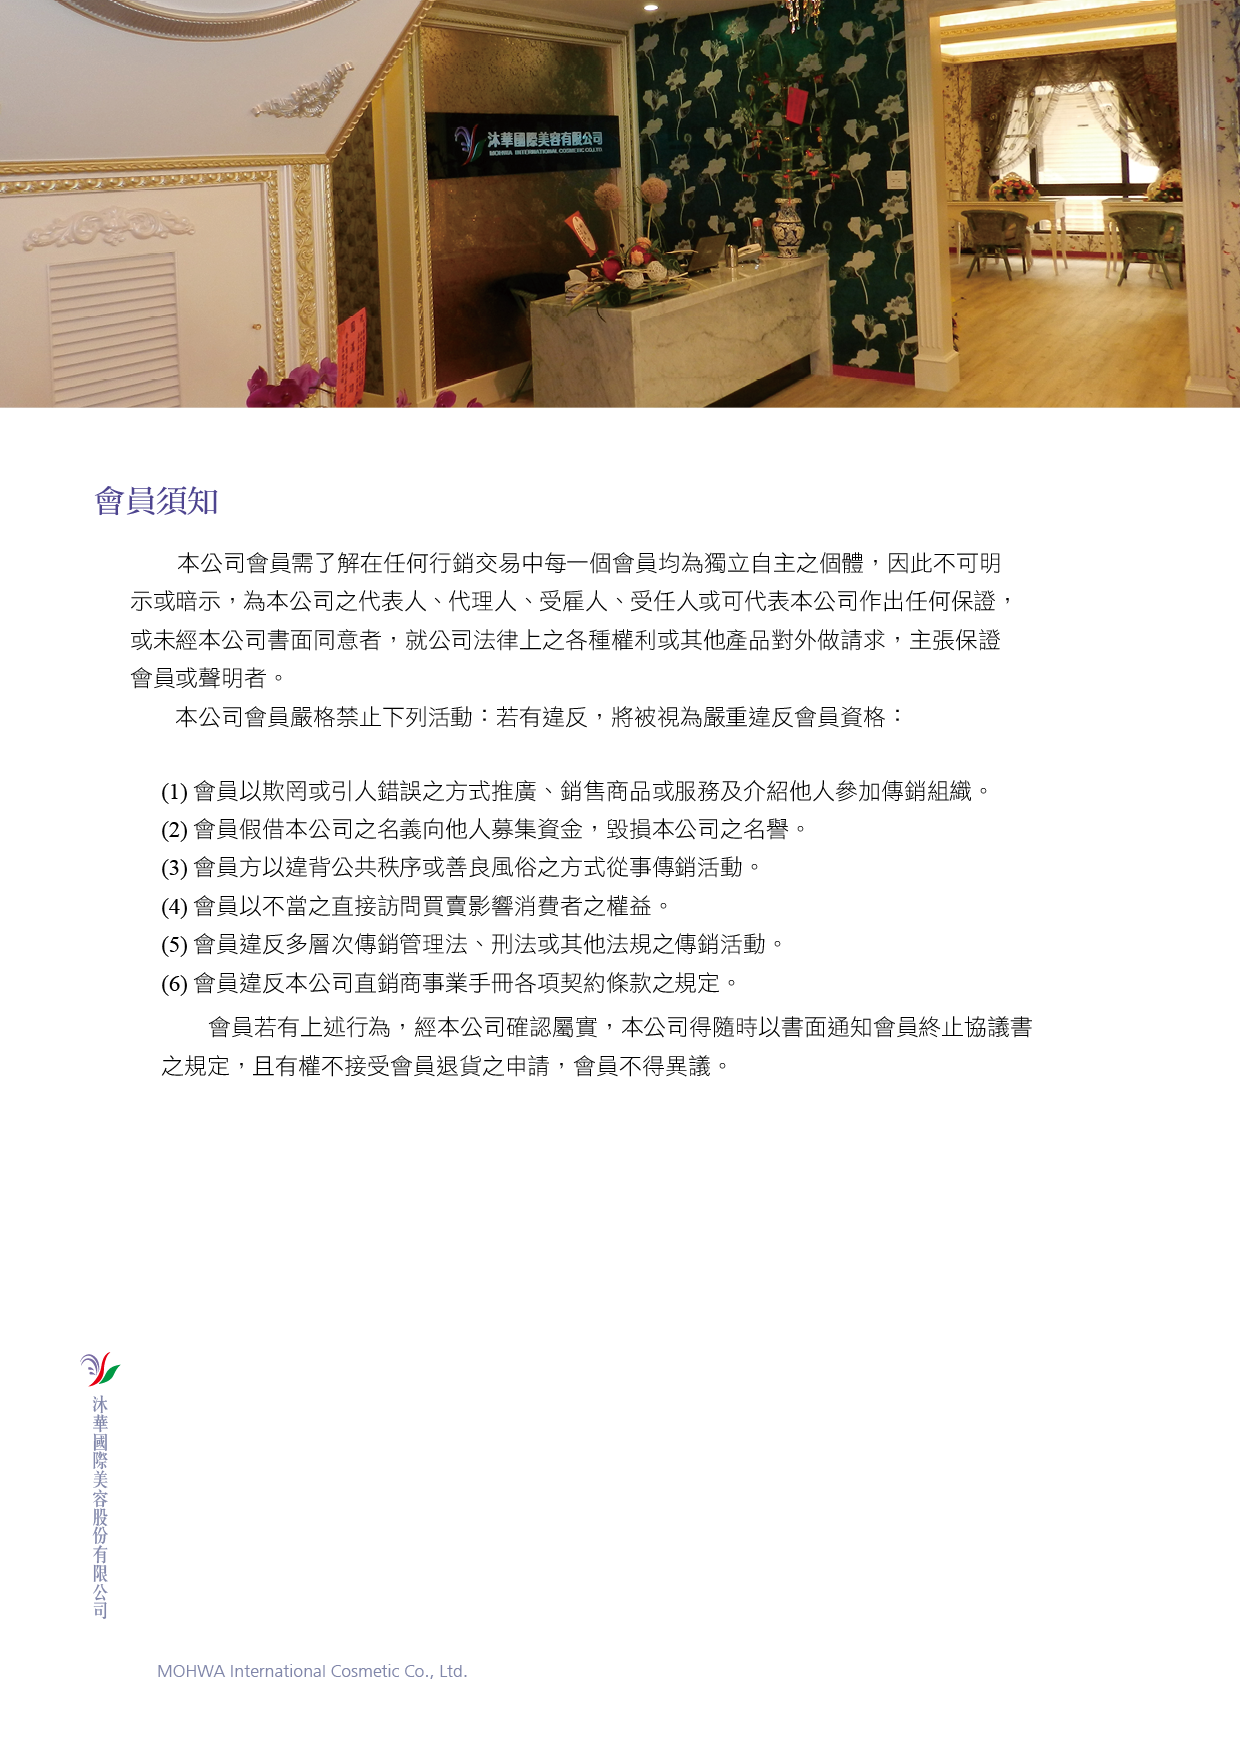 沐華事業手冊_2017-11-116-2.png